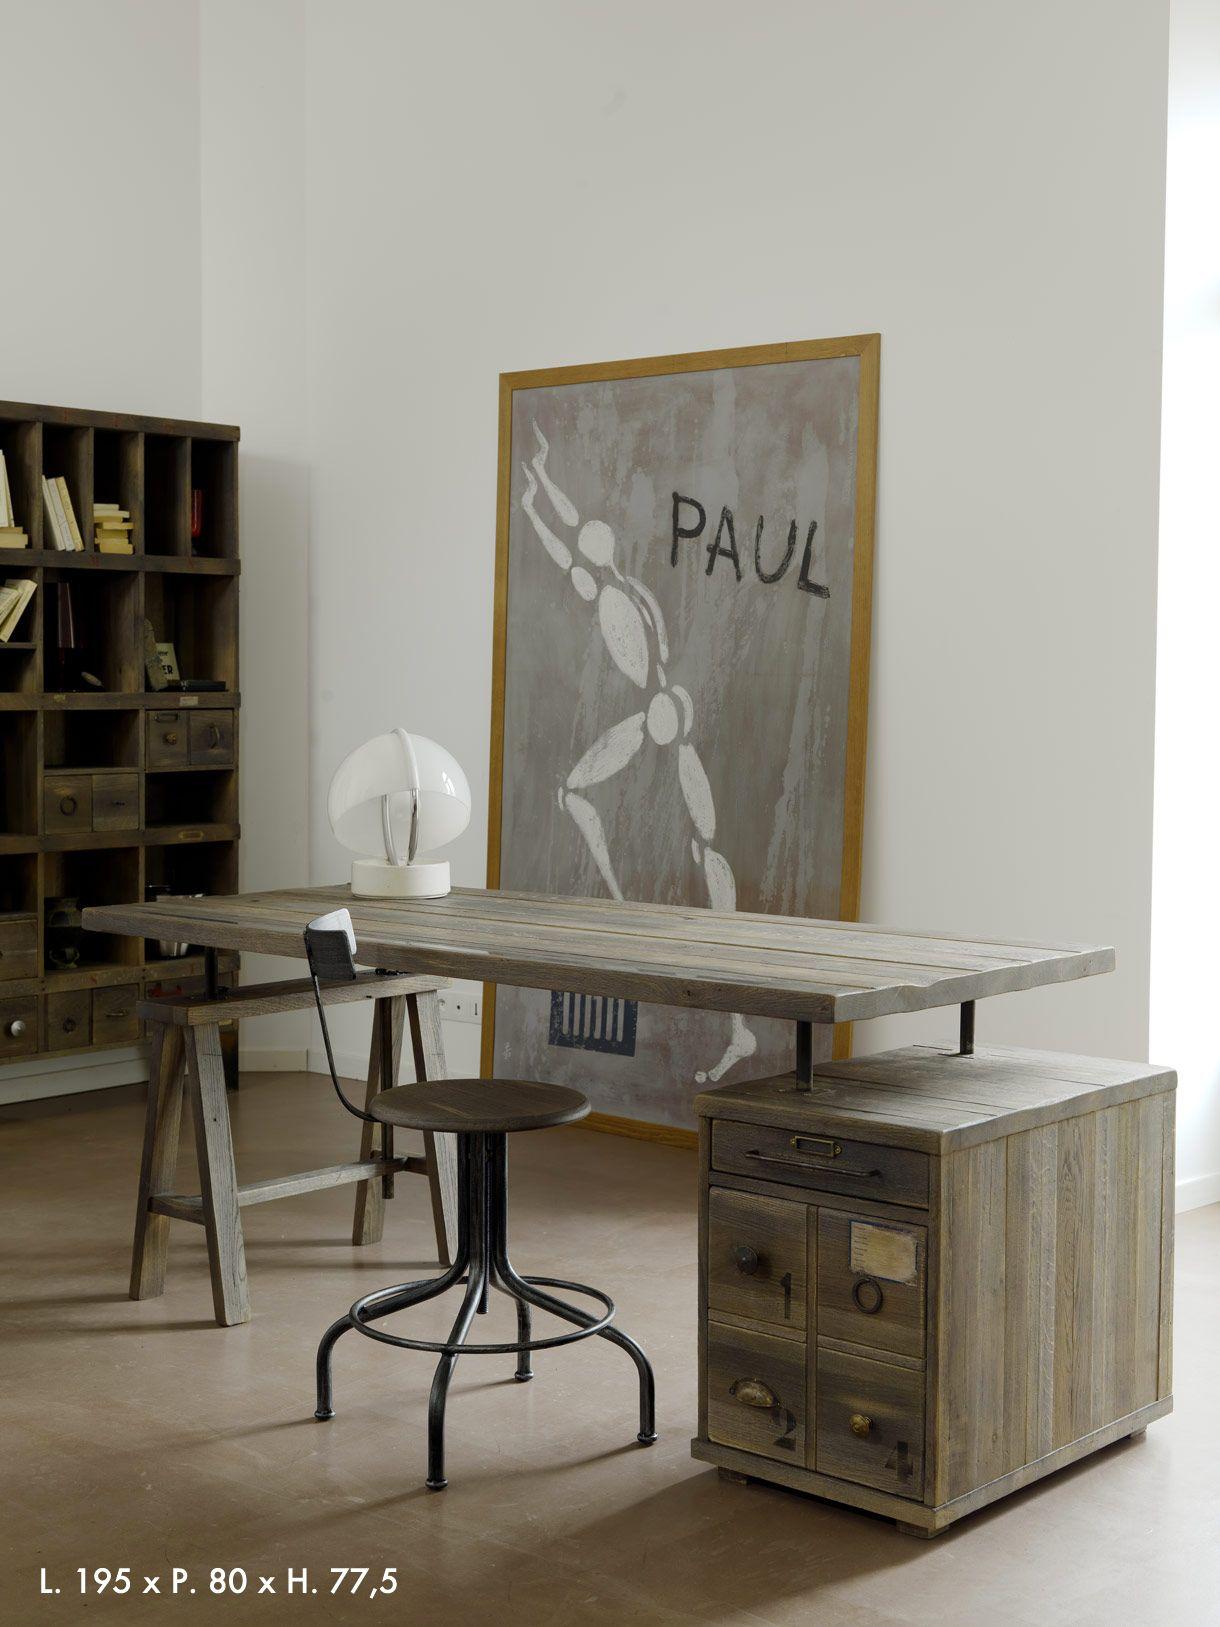 pingl par hangar de style nantes sur artcopi mobiliers pinterest mobilier mobilier de. Black Bedroom Furniture Sets. Home Design Ideas